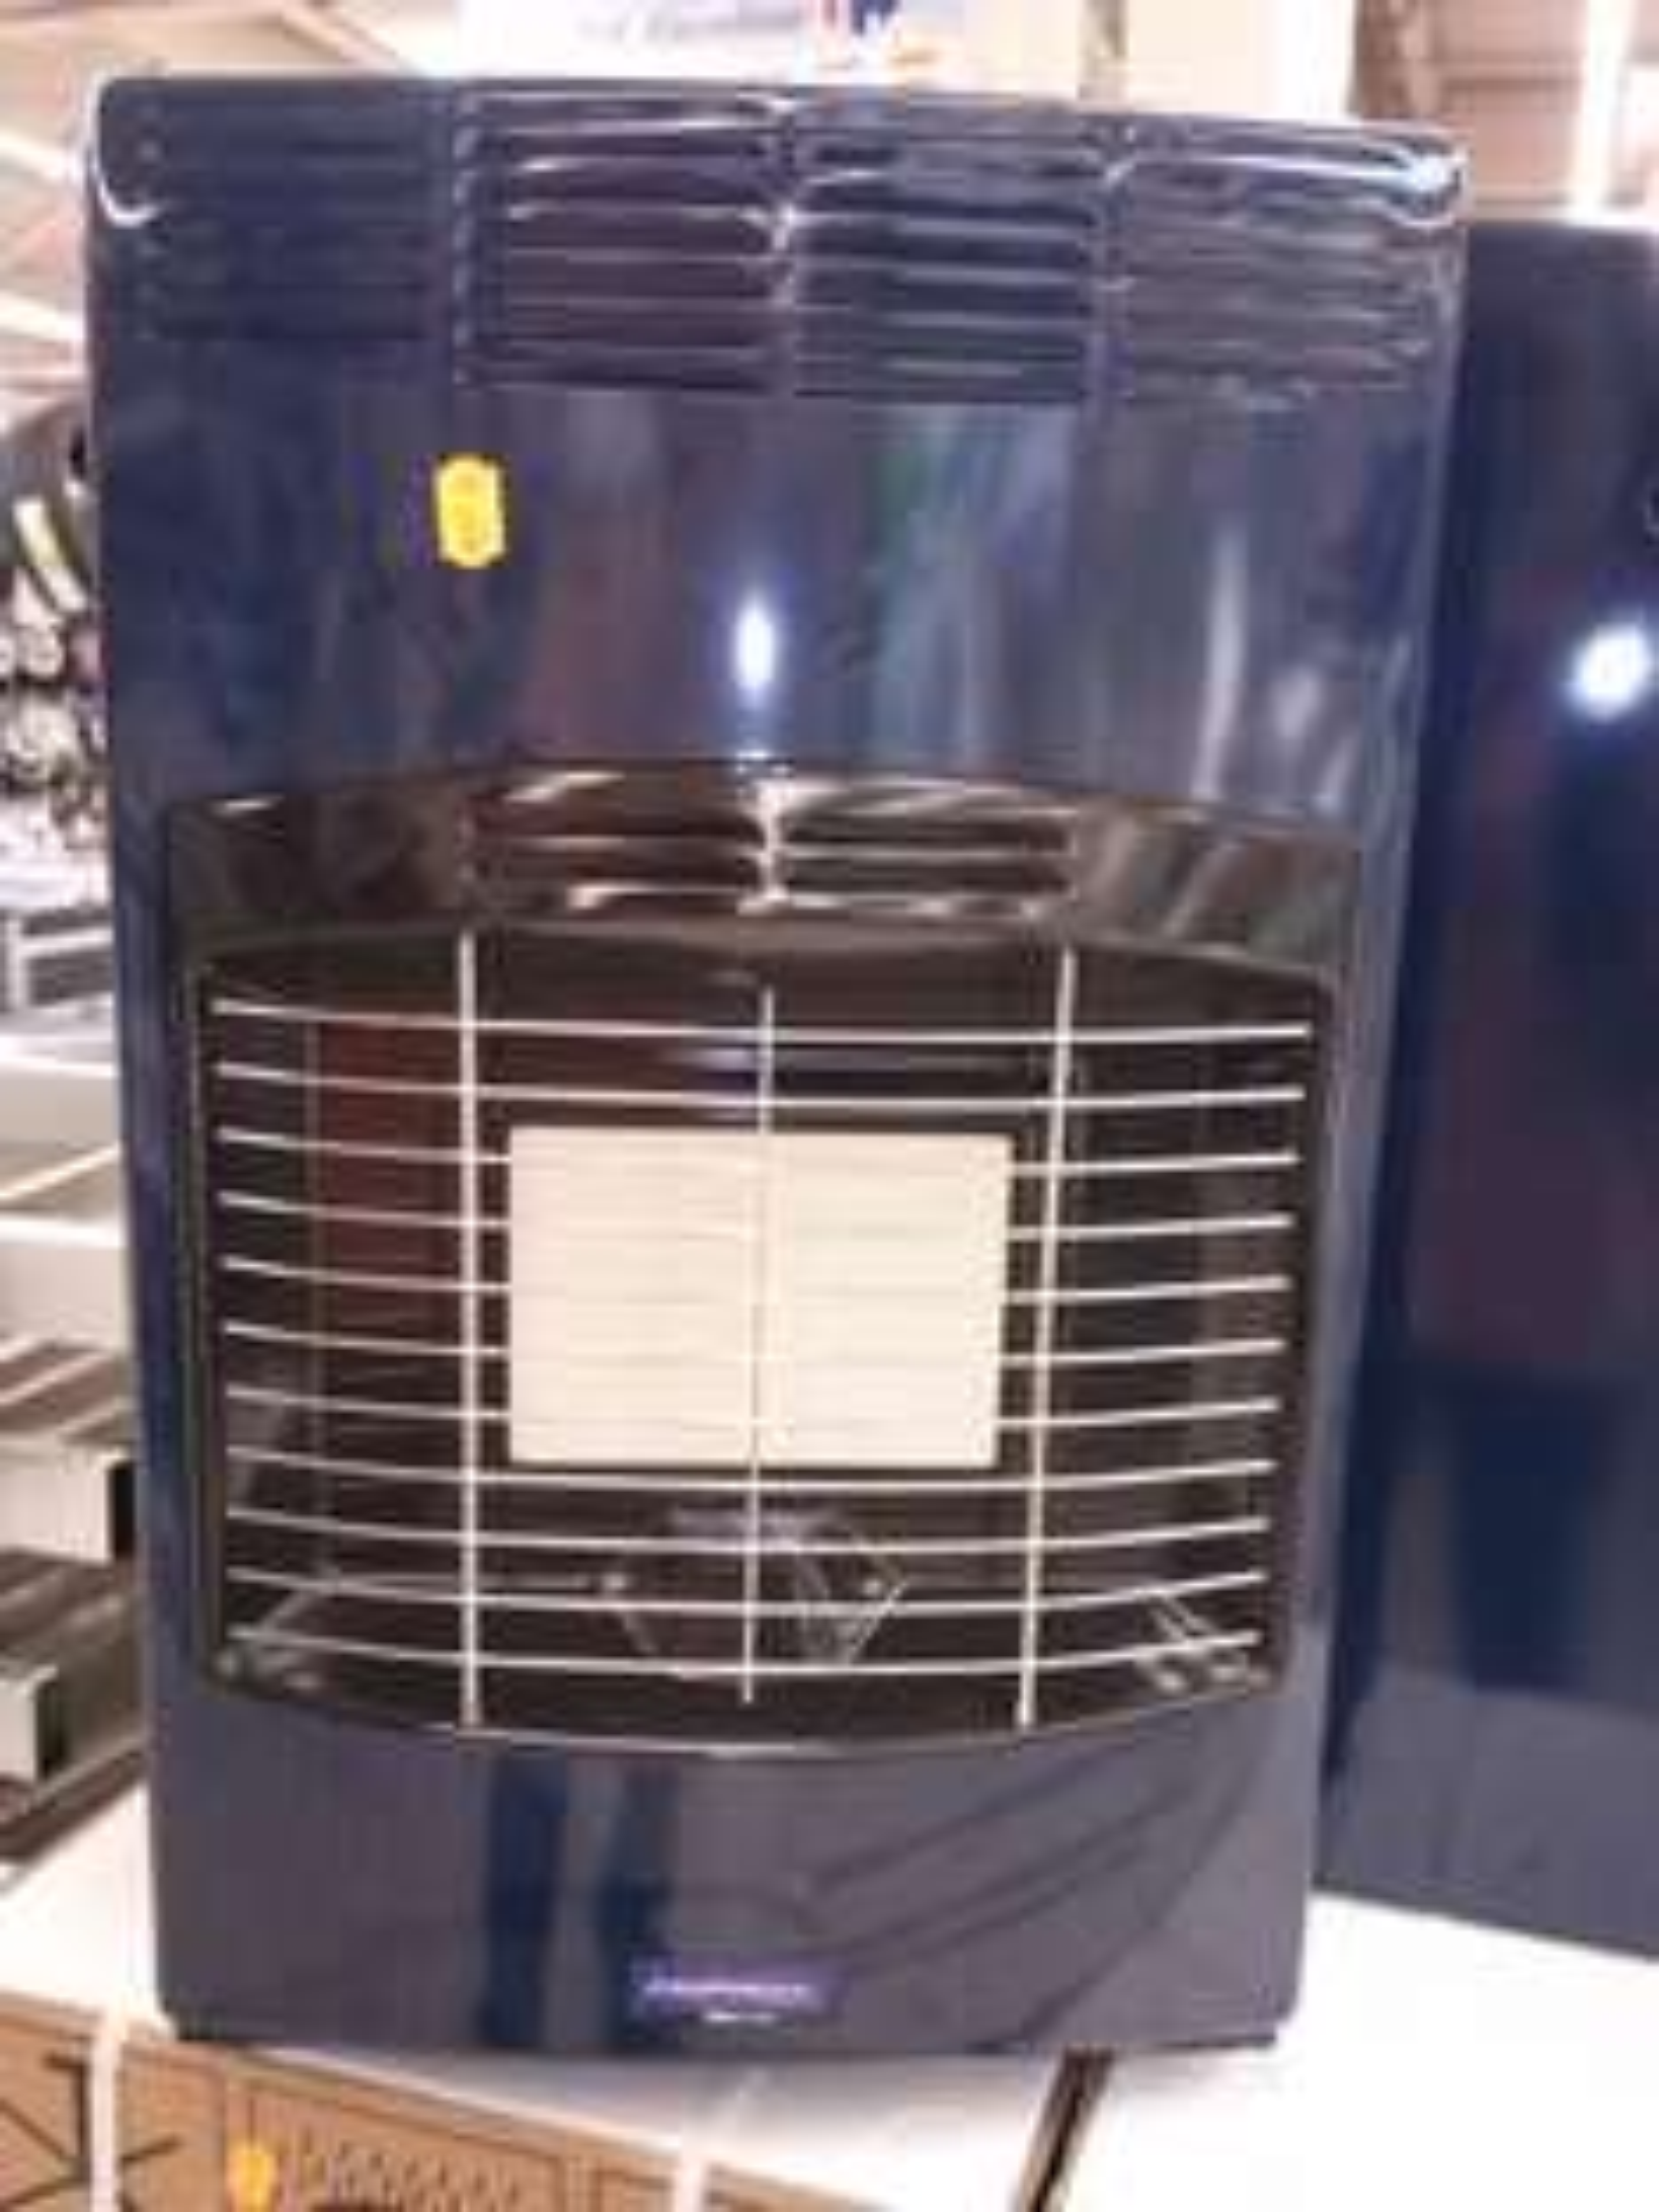 Radiateur au gaz avec brûleur catalytique - chauffage d'appoint CAMPINGAZ CR 5000